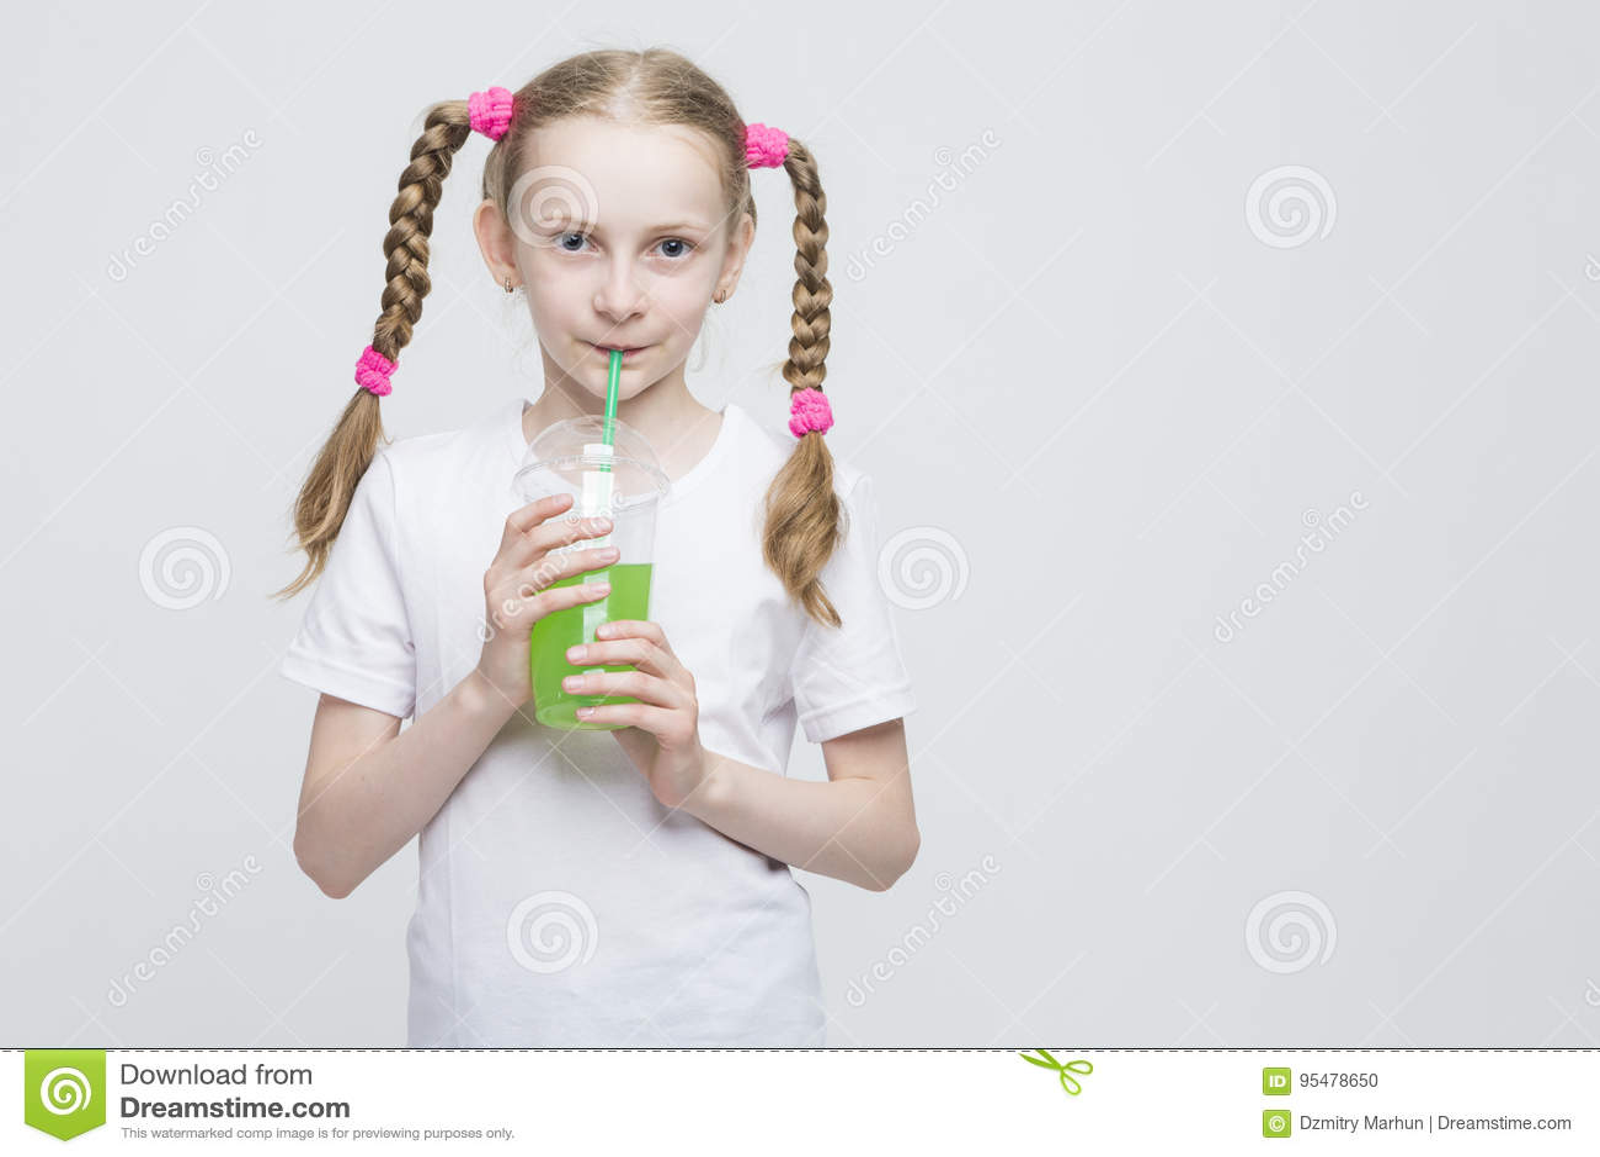 Portret Dosyć Uśmiechać się Kaukaskiej Blond dziewczyny Z Długimi Pigtails